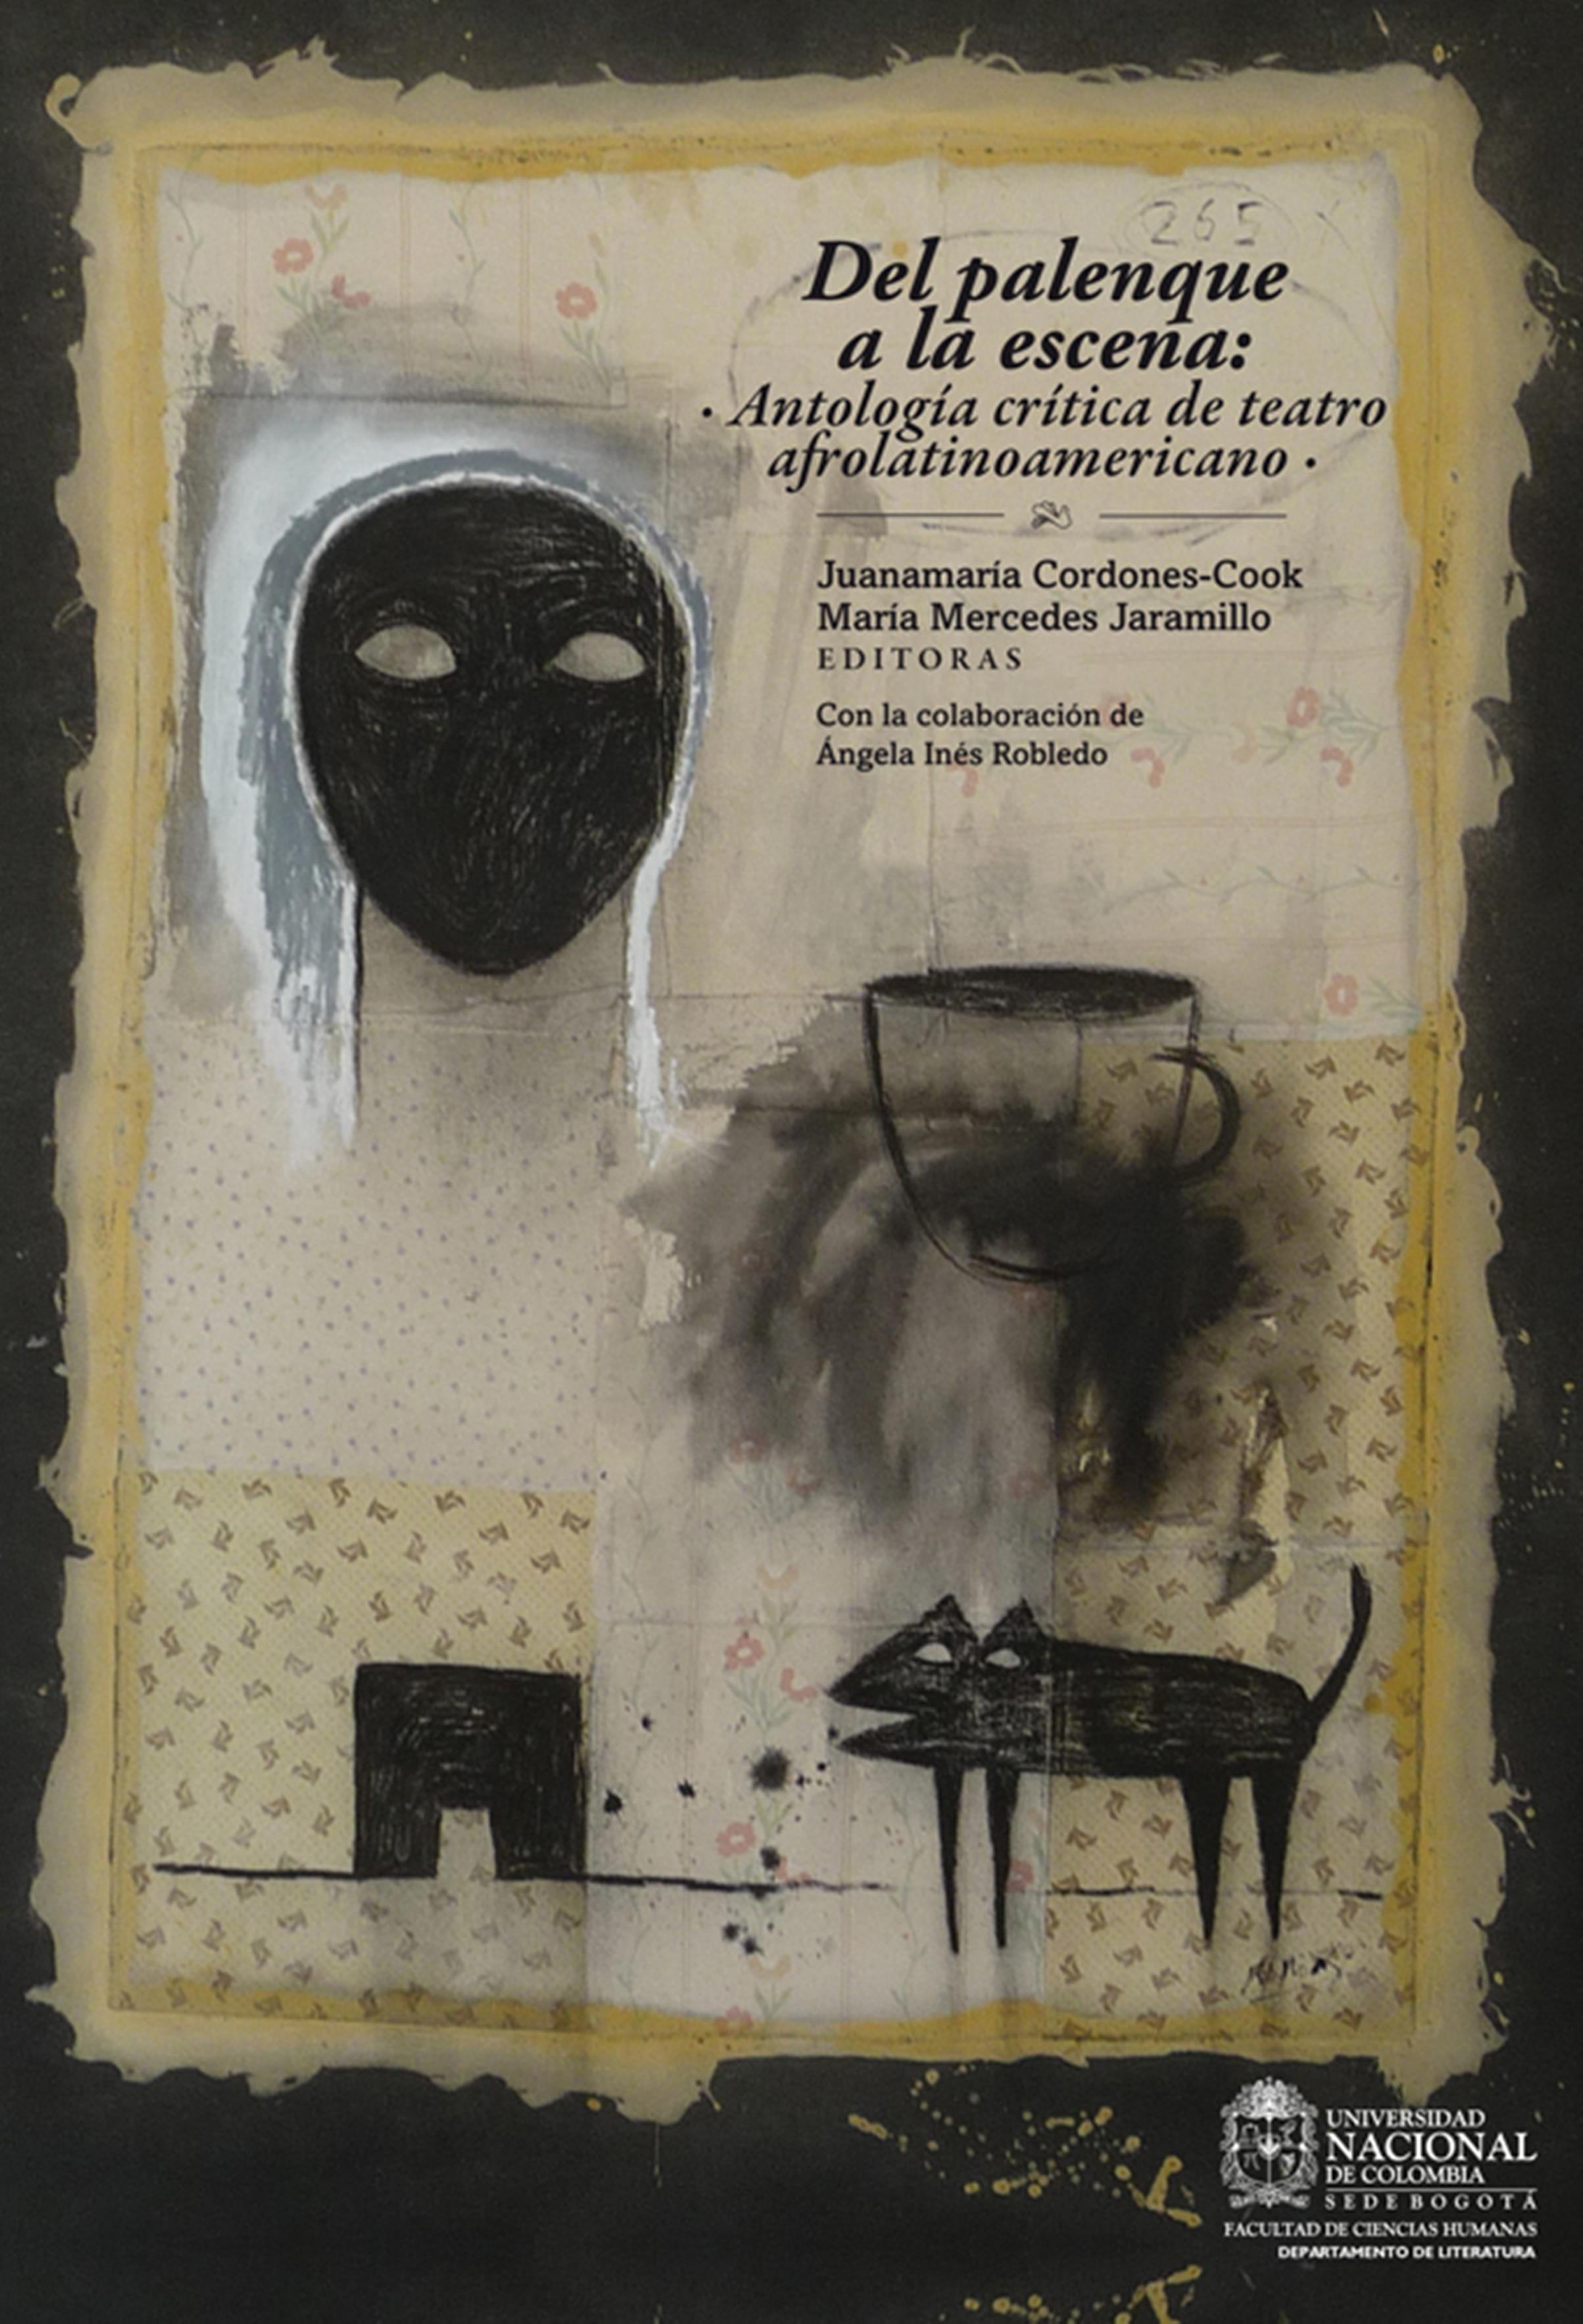 цена на María Jaramillo Del palenque a la escena: antología crítica de teatro afrolatinoamericano